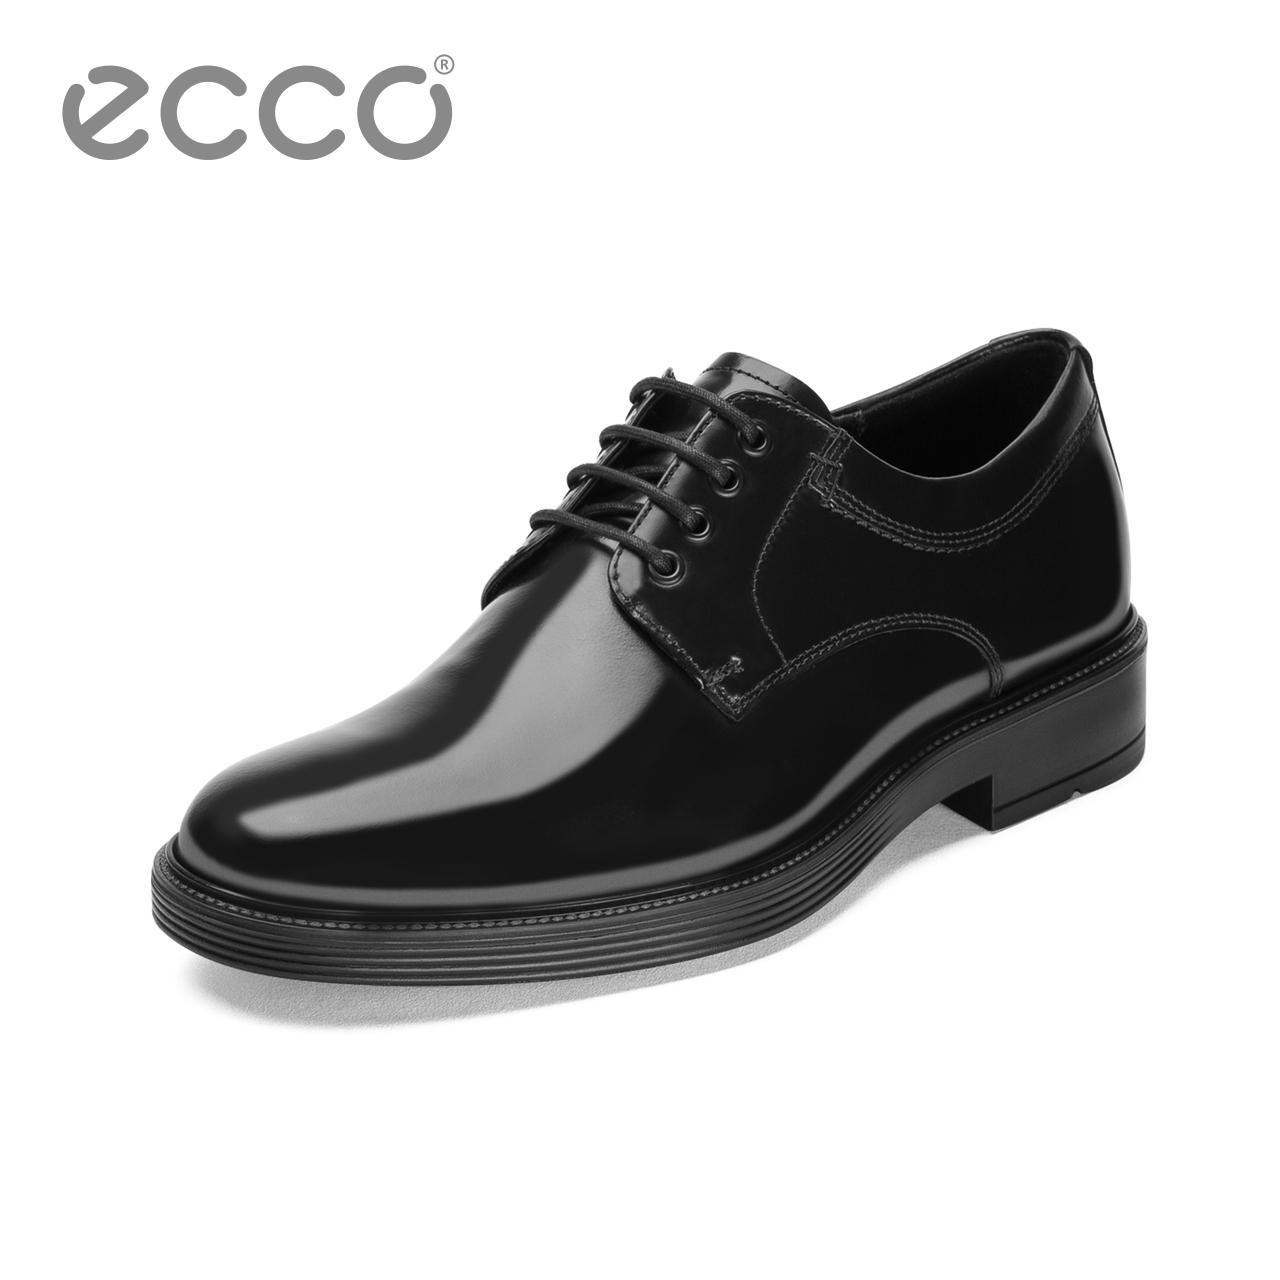 ECCO爱步商务青年正装皮鞋男 系带舒适英伦风德比鞋 纽卡斯610304